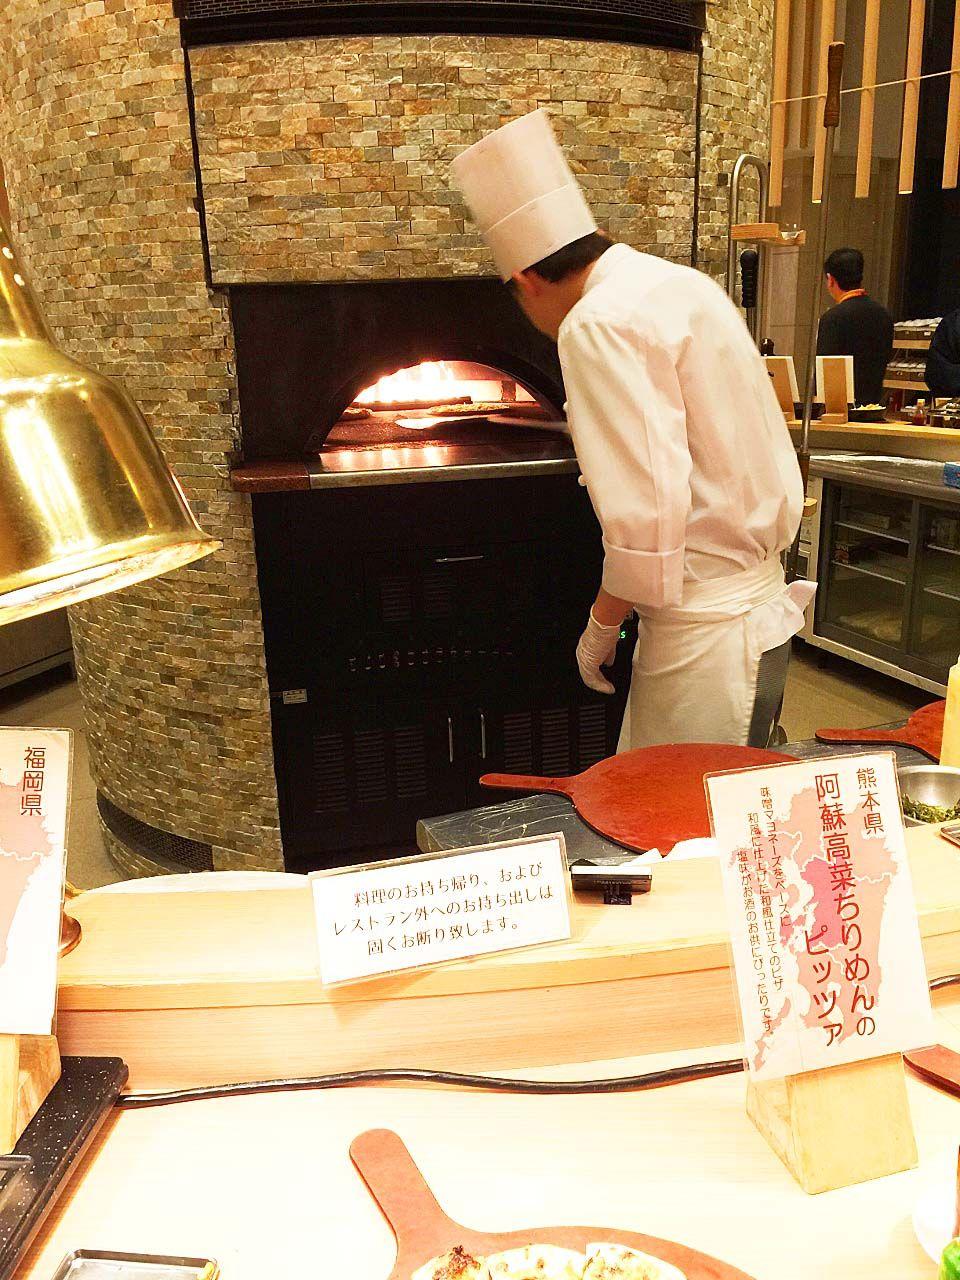 巨大石釜で焼き上げるモチモチのピザは絶品!